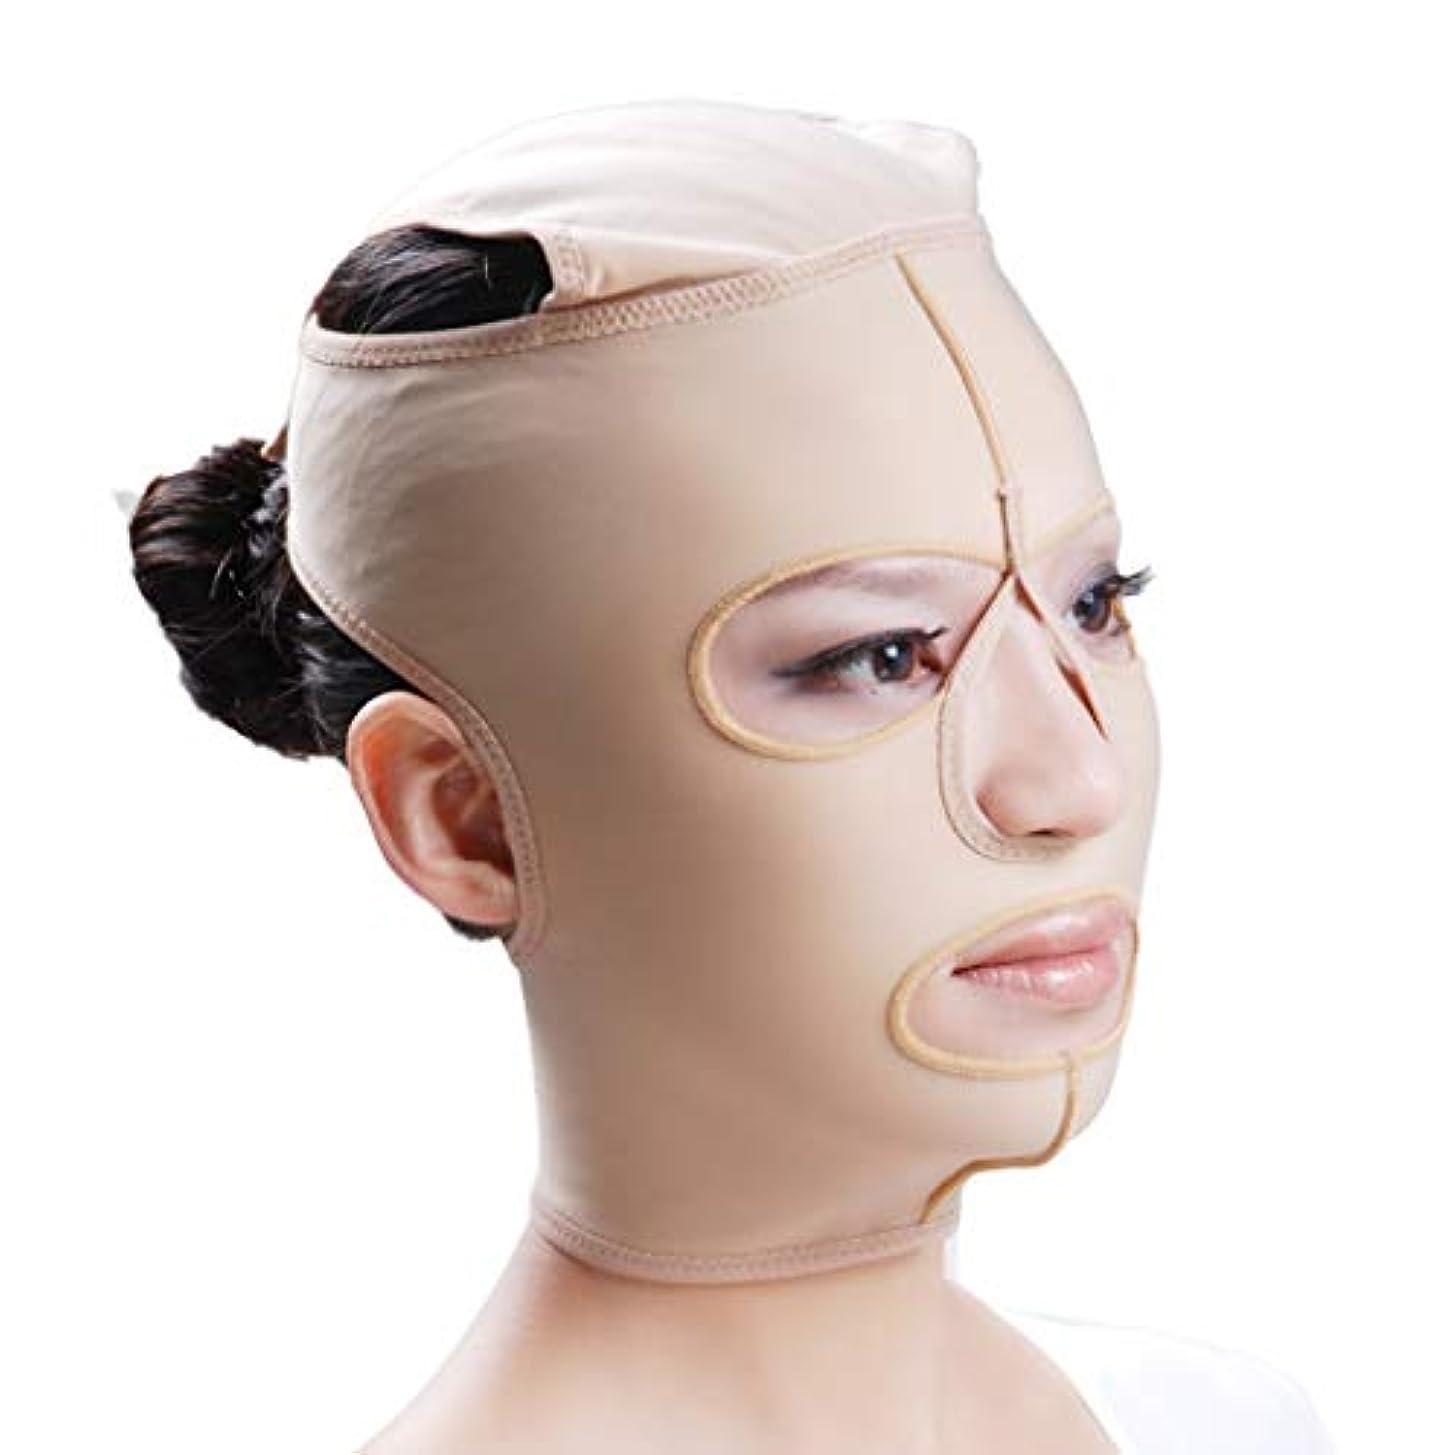 巨大セーブきらめきXHLMRMJ フェイスリフトマスク、フルフェイスマスク医療グレード圧力フェイスダブルチンプラスチック脂肪吸引術弾性包帯ヘッドギア後の顔の脂肪吸引術 (Size : M)